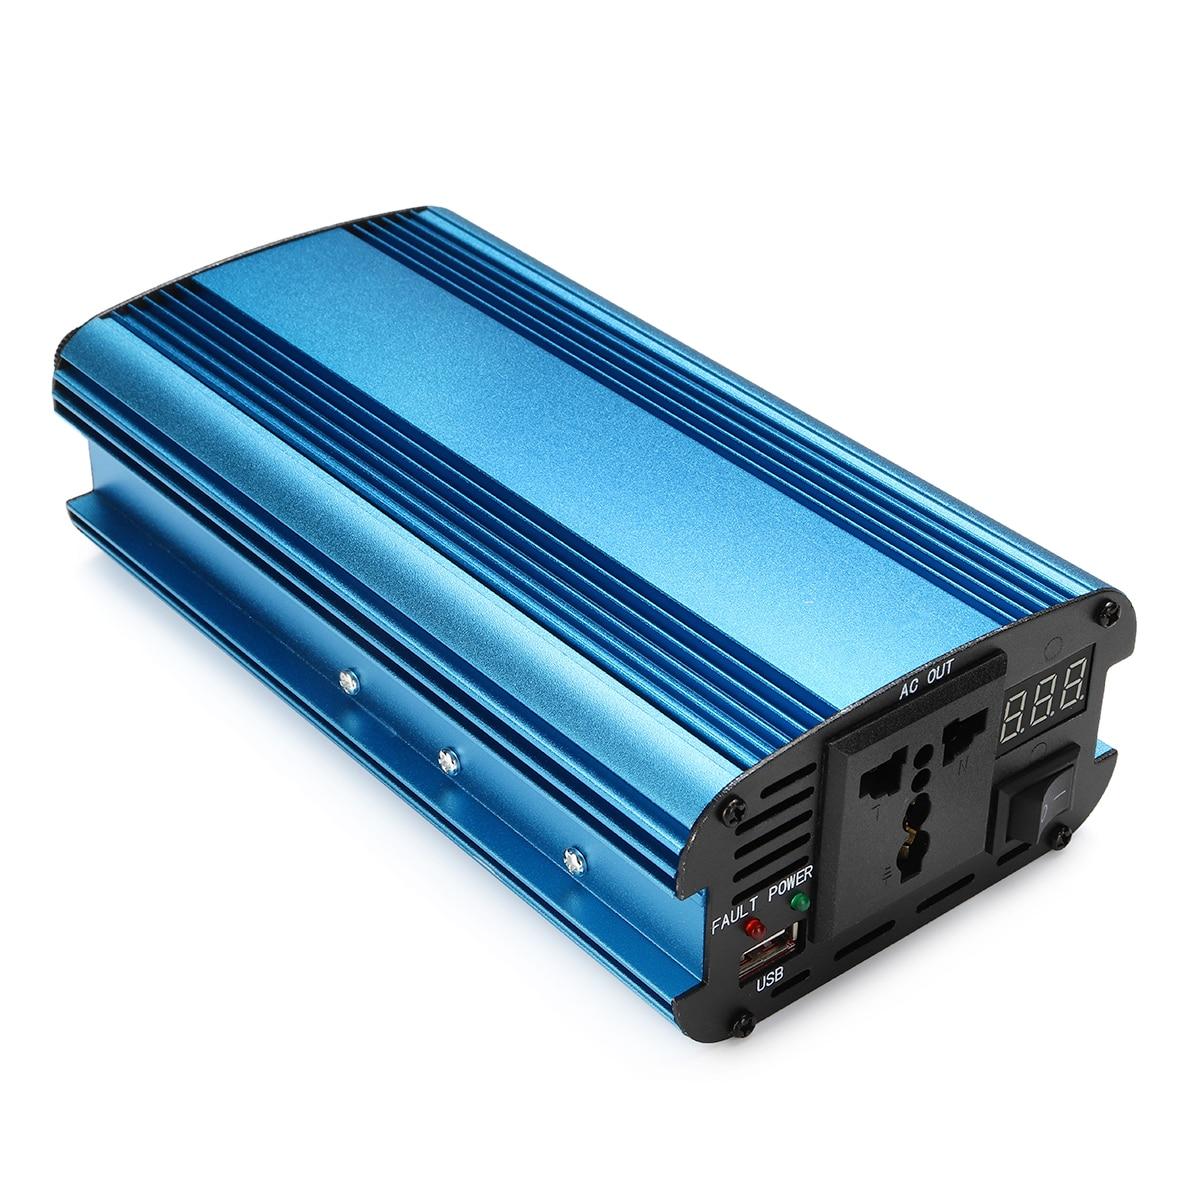 LED 12/24V DC do 220V 3000 W/4000 W falownik solarny AC zmodyfikowany falownik sinusoidalny wbudowany wentylator chłodzący przełącznik ręczny